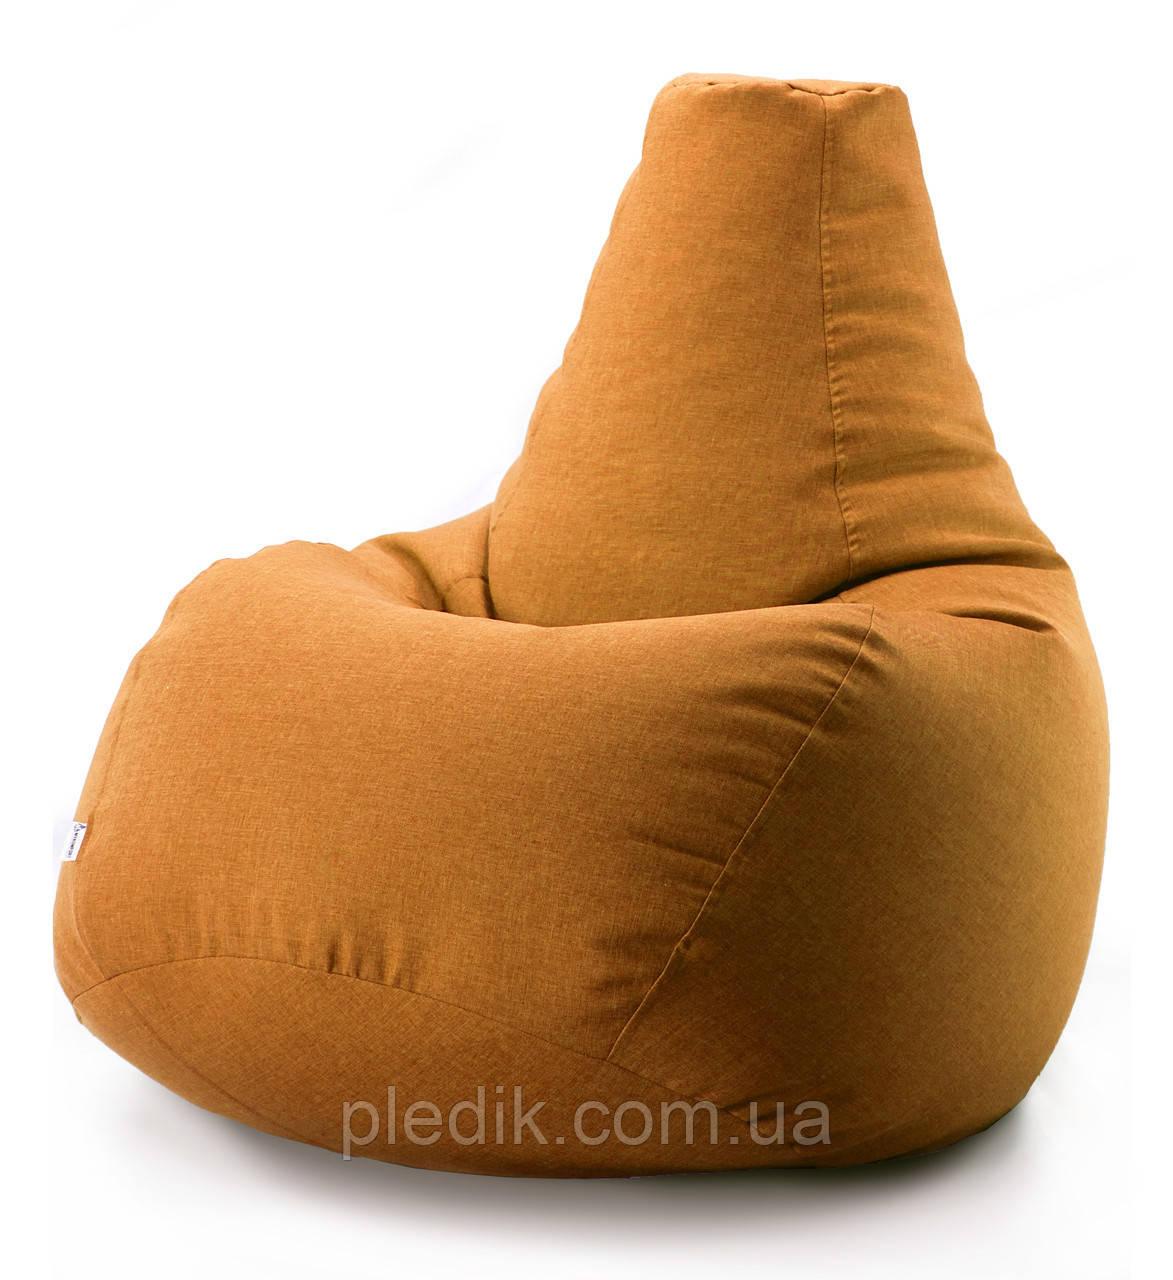 Кресло мешок груша микро-рогожка 85*105 см Оранжевый